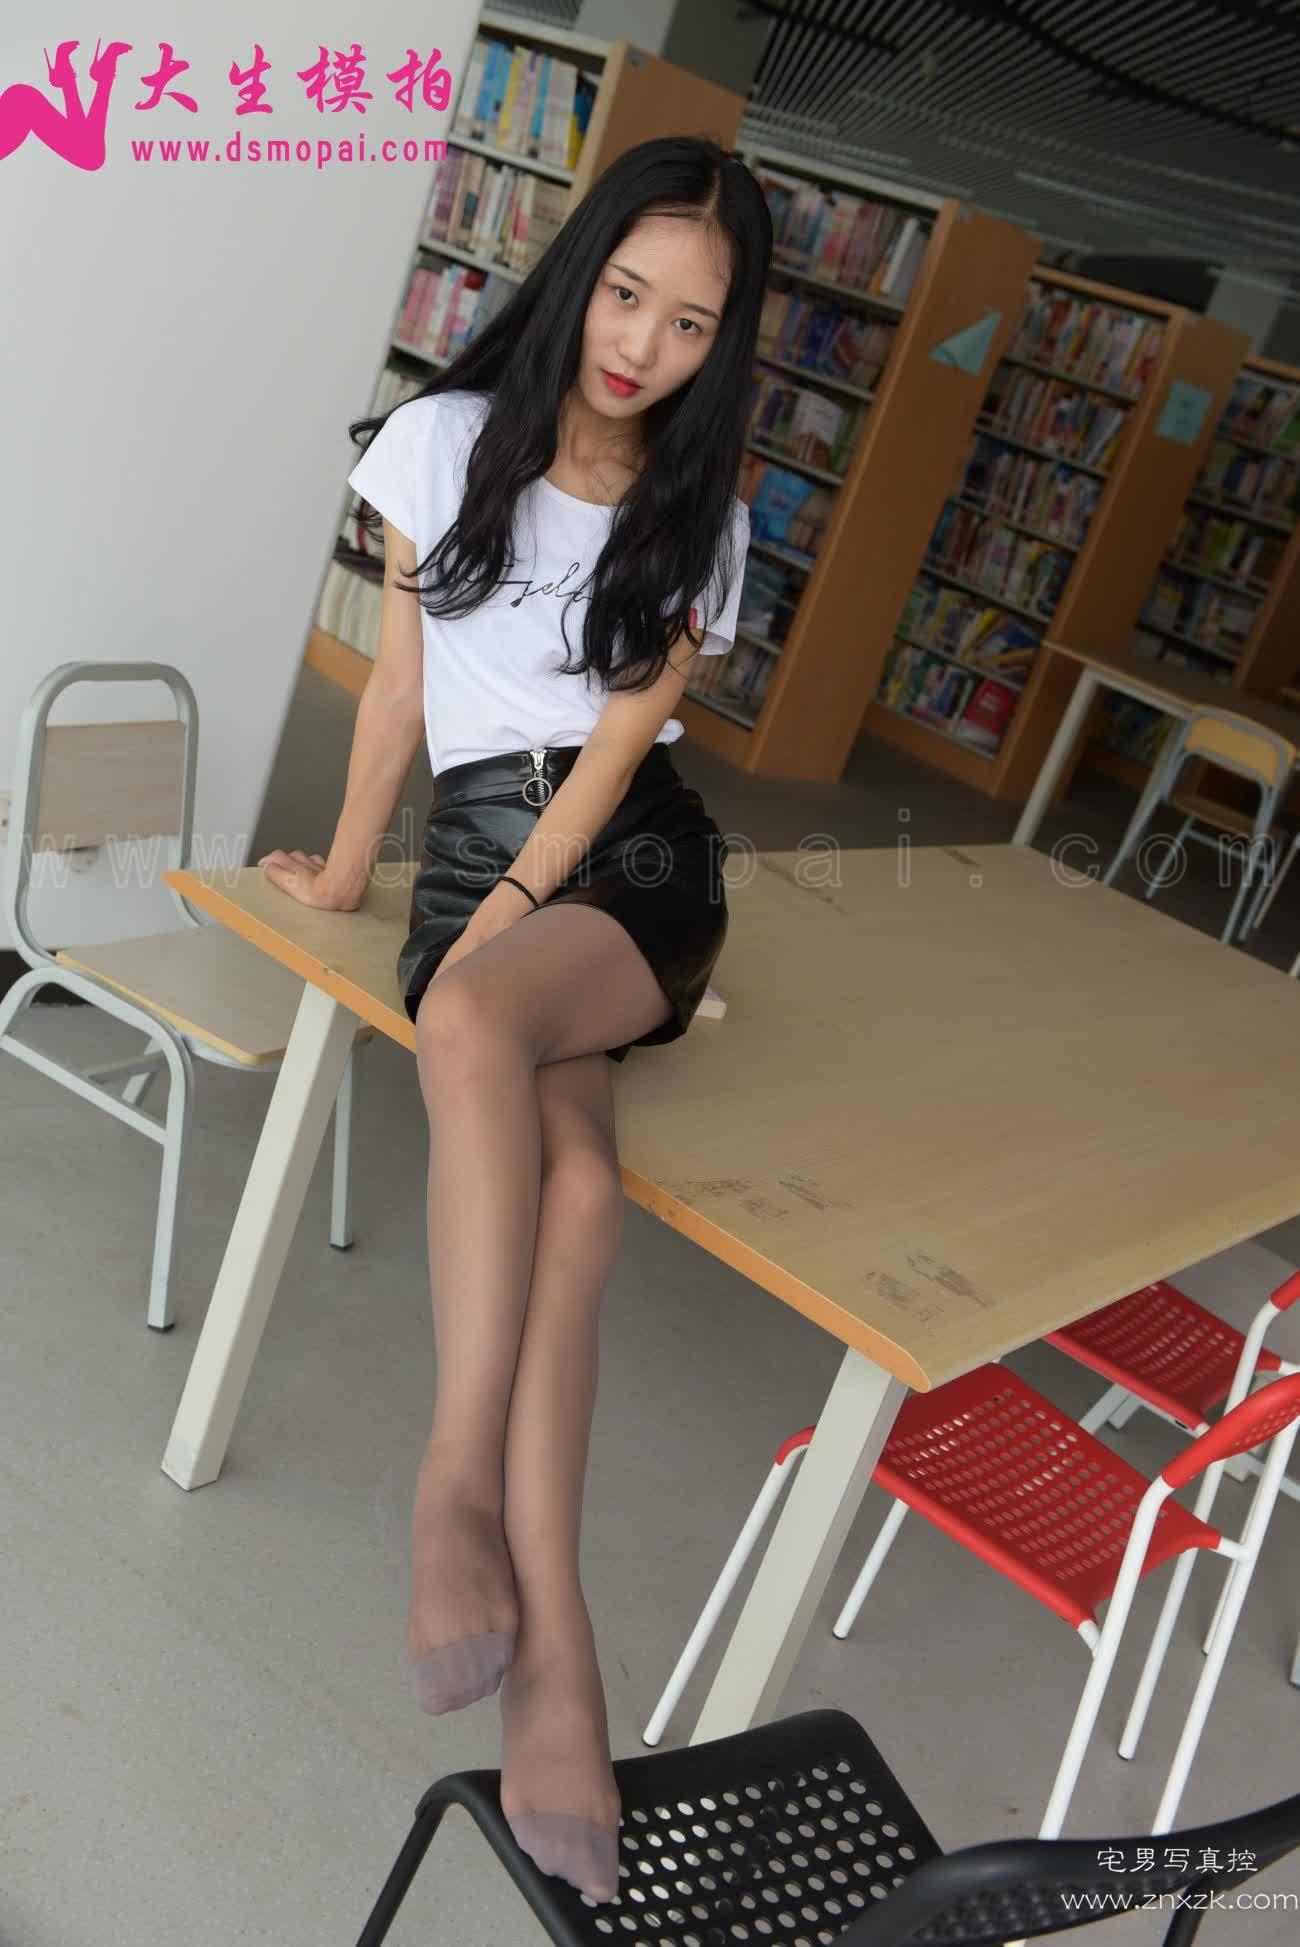 大生模拍 No.068 菲菲 图书馆小可爱